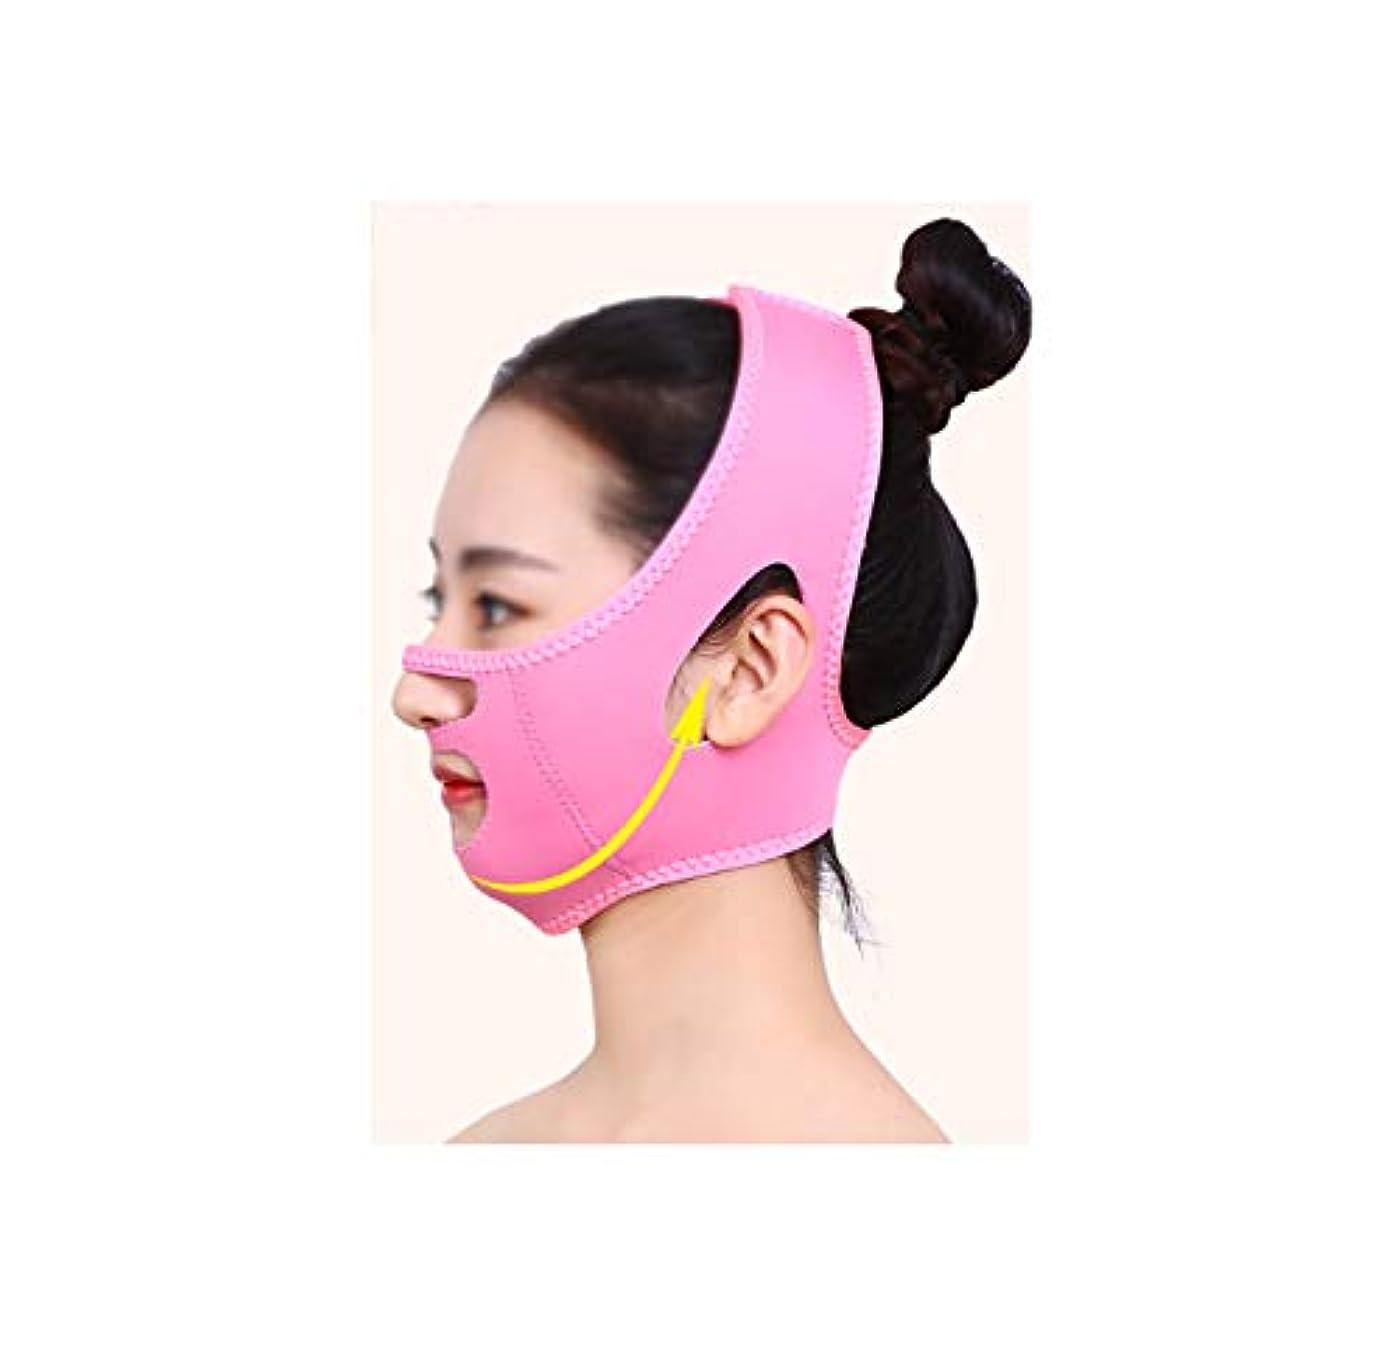 絶滅させる対そこGLJJQMY 薄い顔マスクマスク顔機美容機器ローラー顔薄い顔Vフェイスマスク二重あご包帯アーティファクト 顔用整形マスク